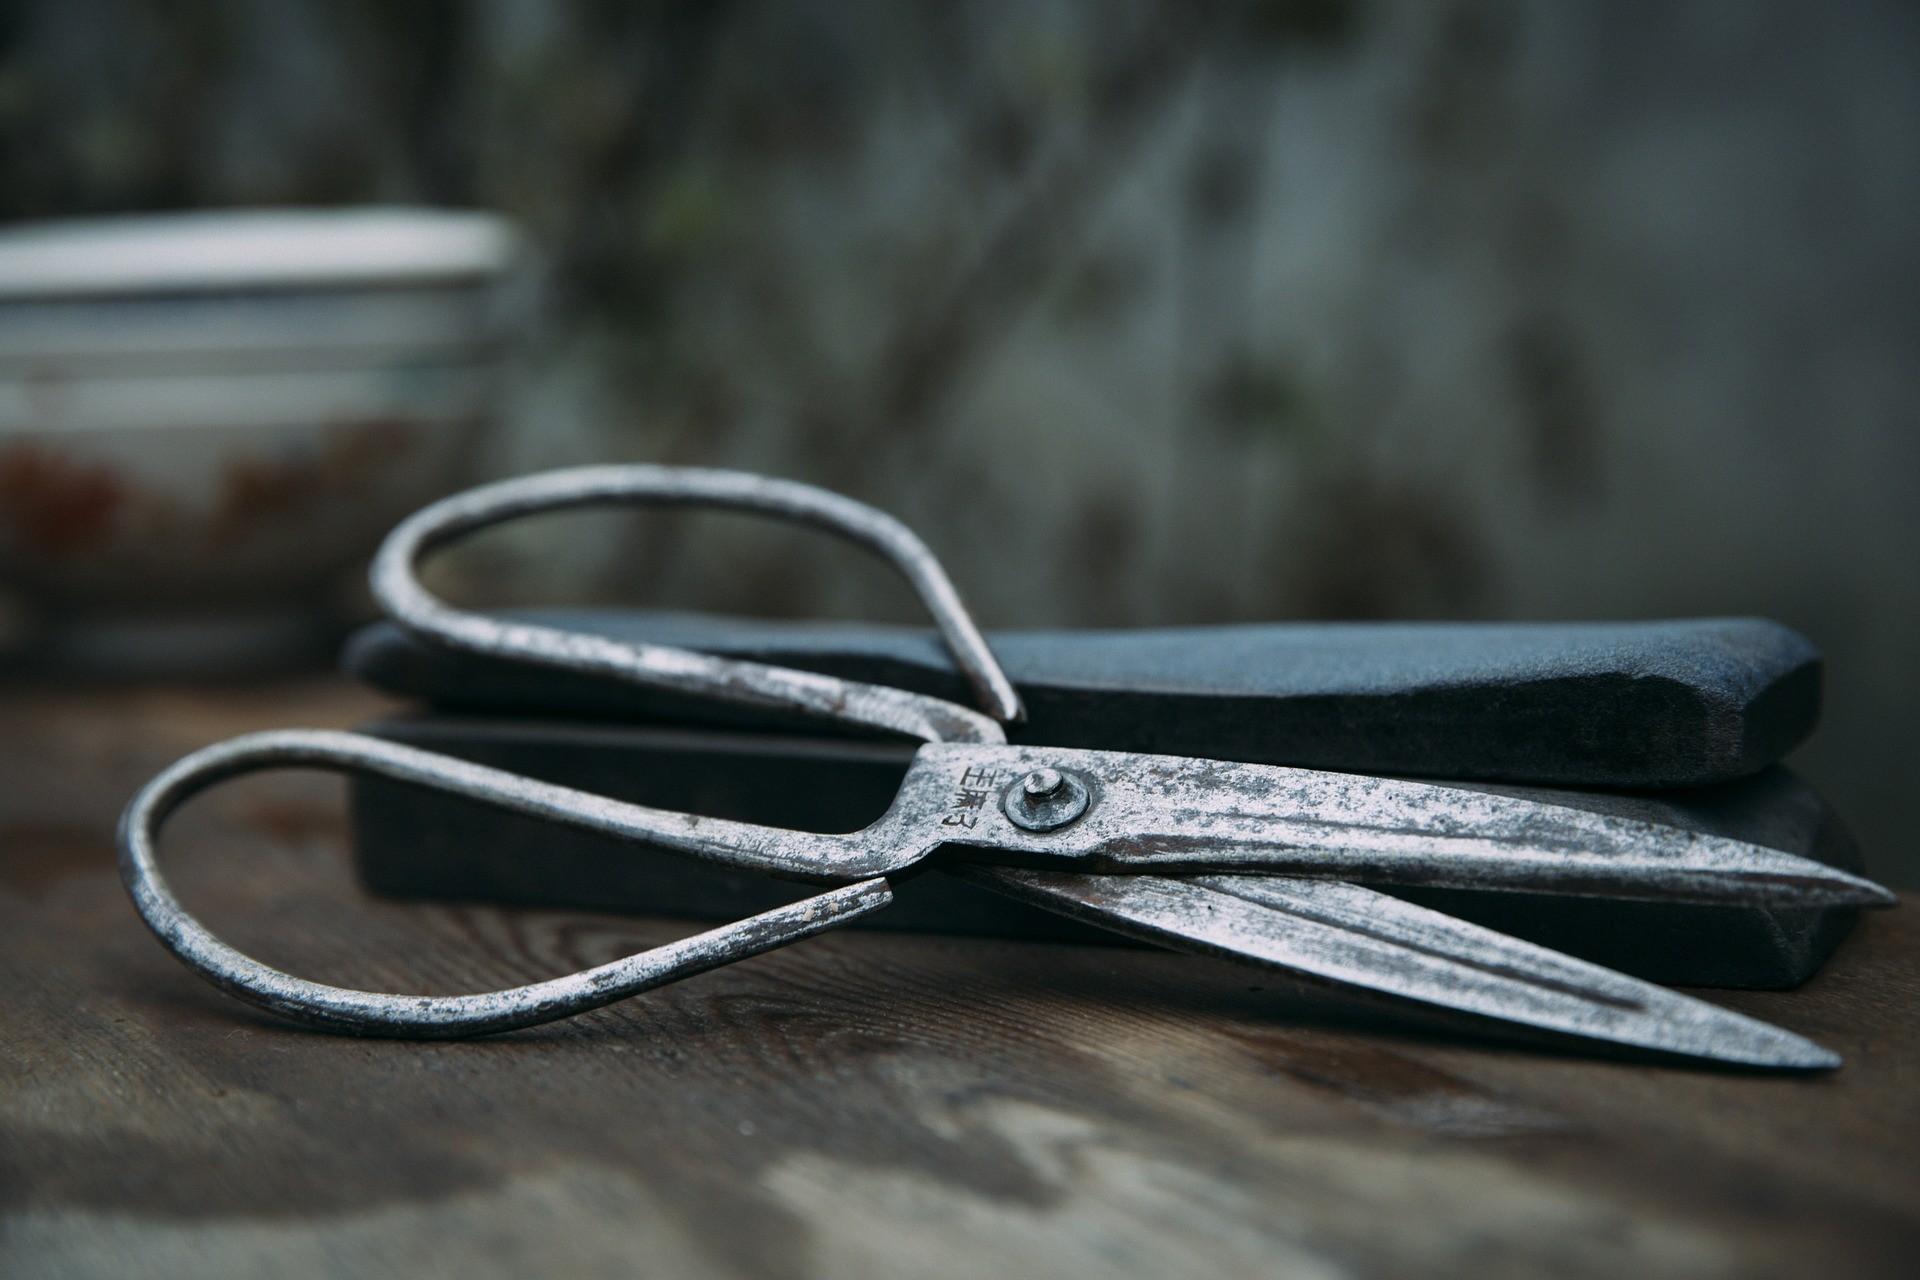 ▲▼剪刀,園藝剪刀,鐵剪刀。(圖/取自免費圖庫Pixabay)